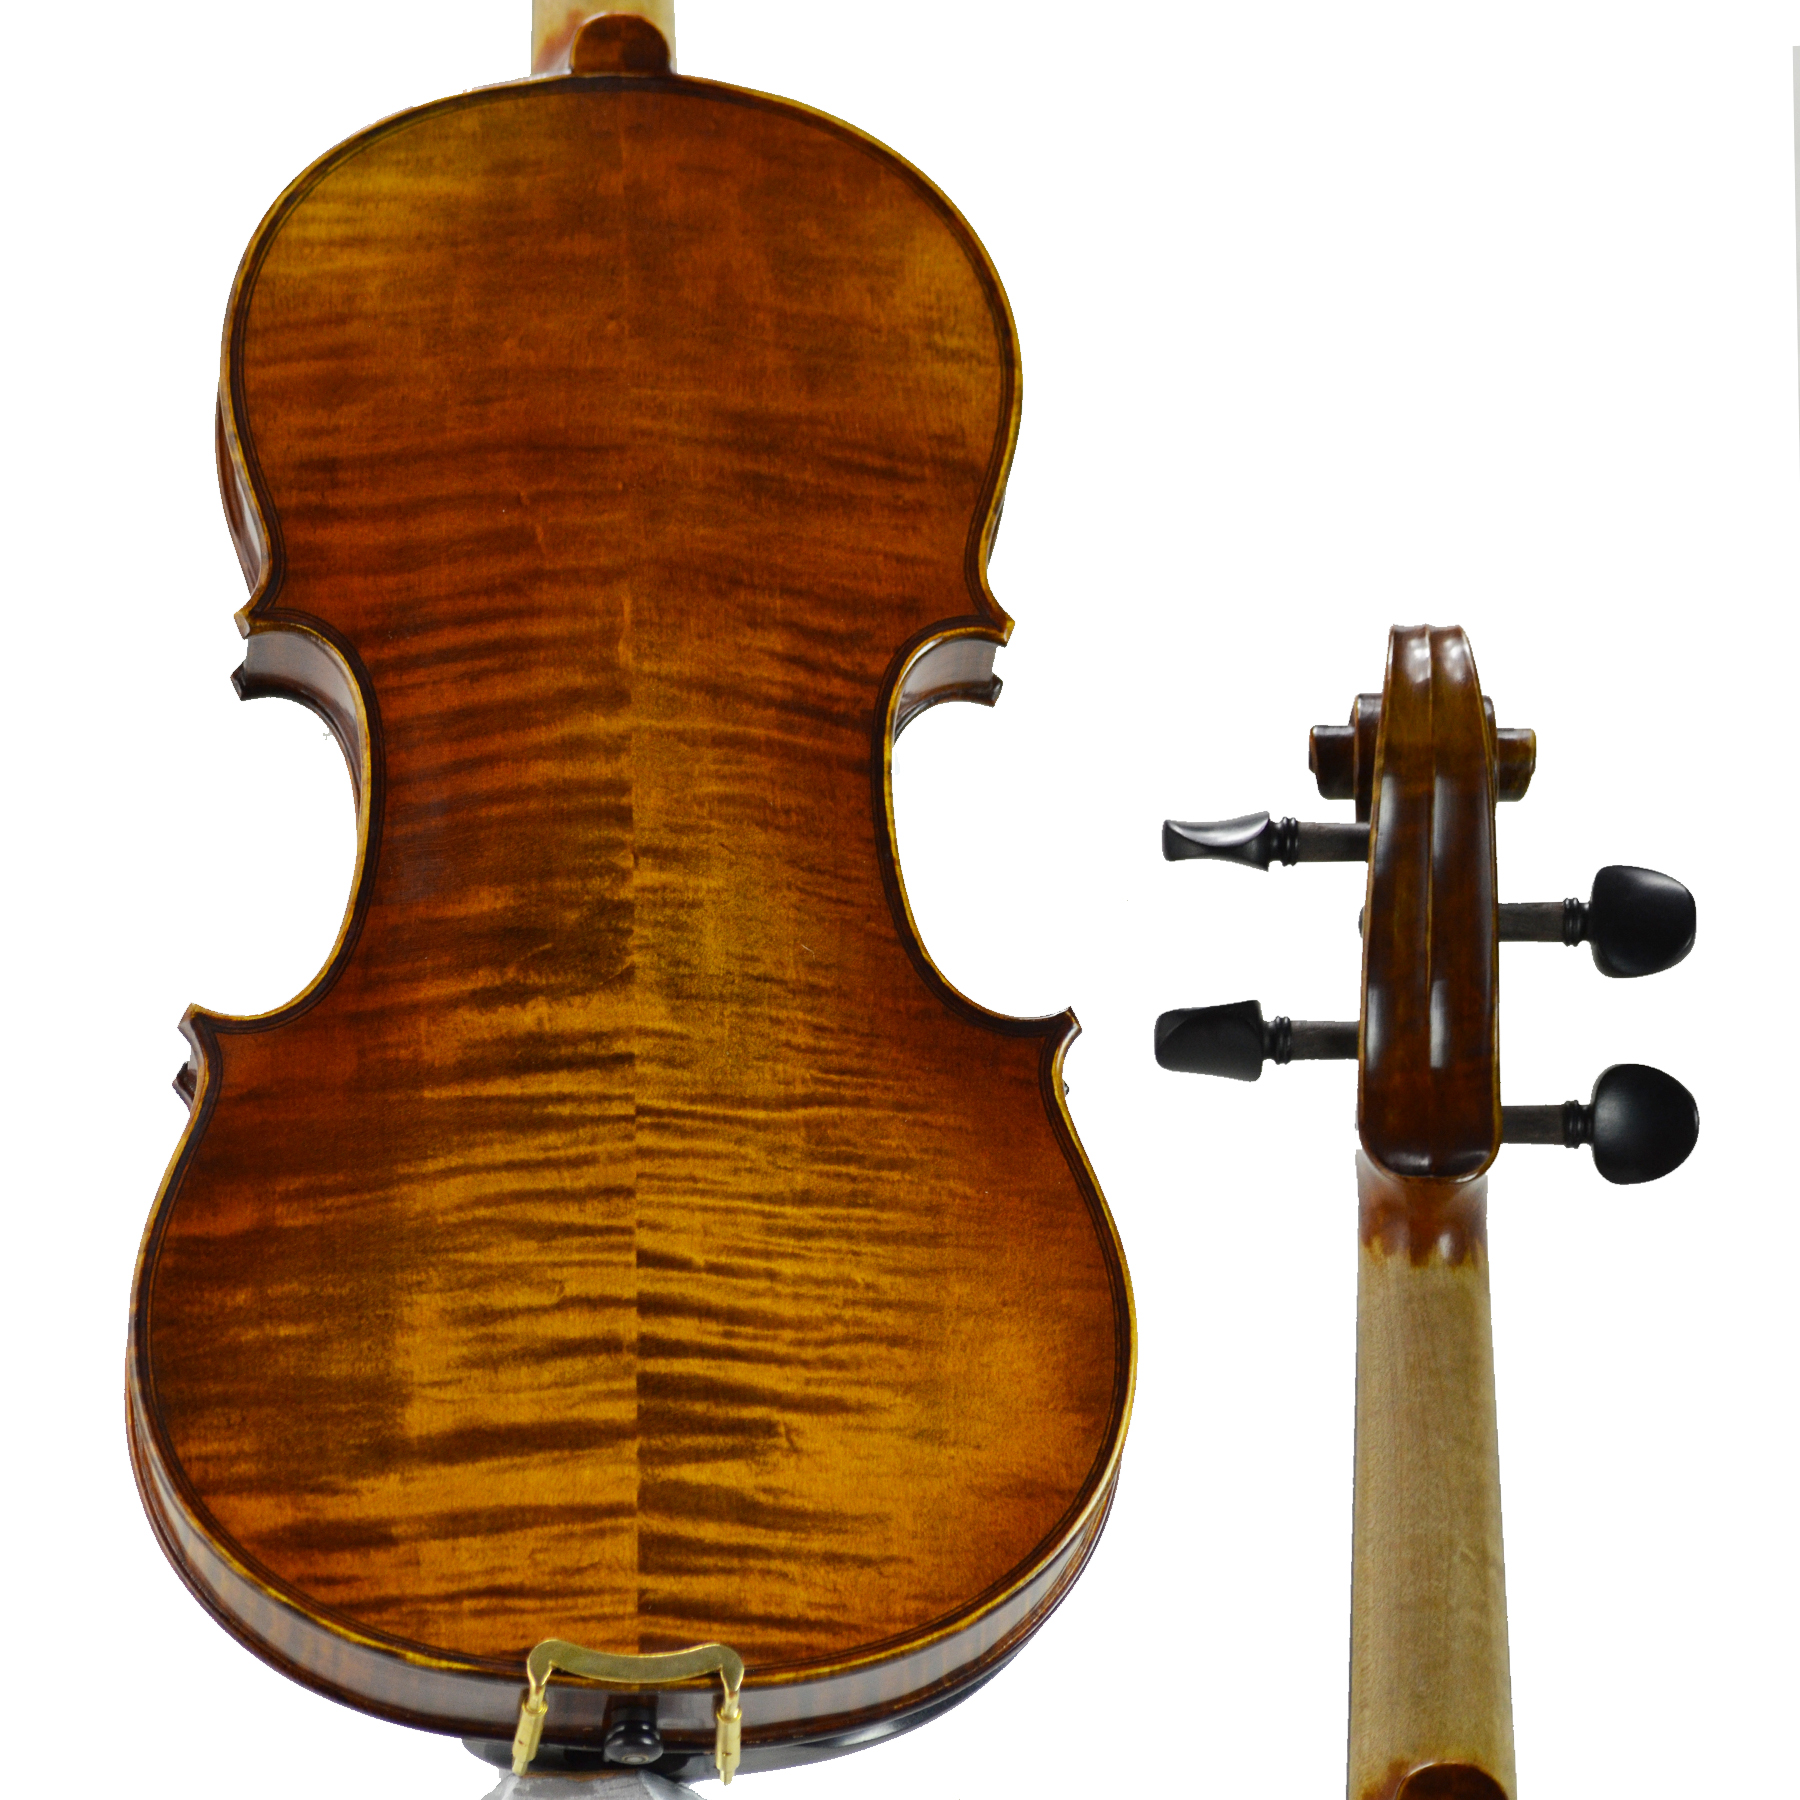 G200 Antonio Giuliani Violin in action